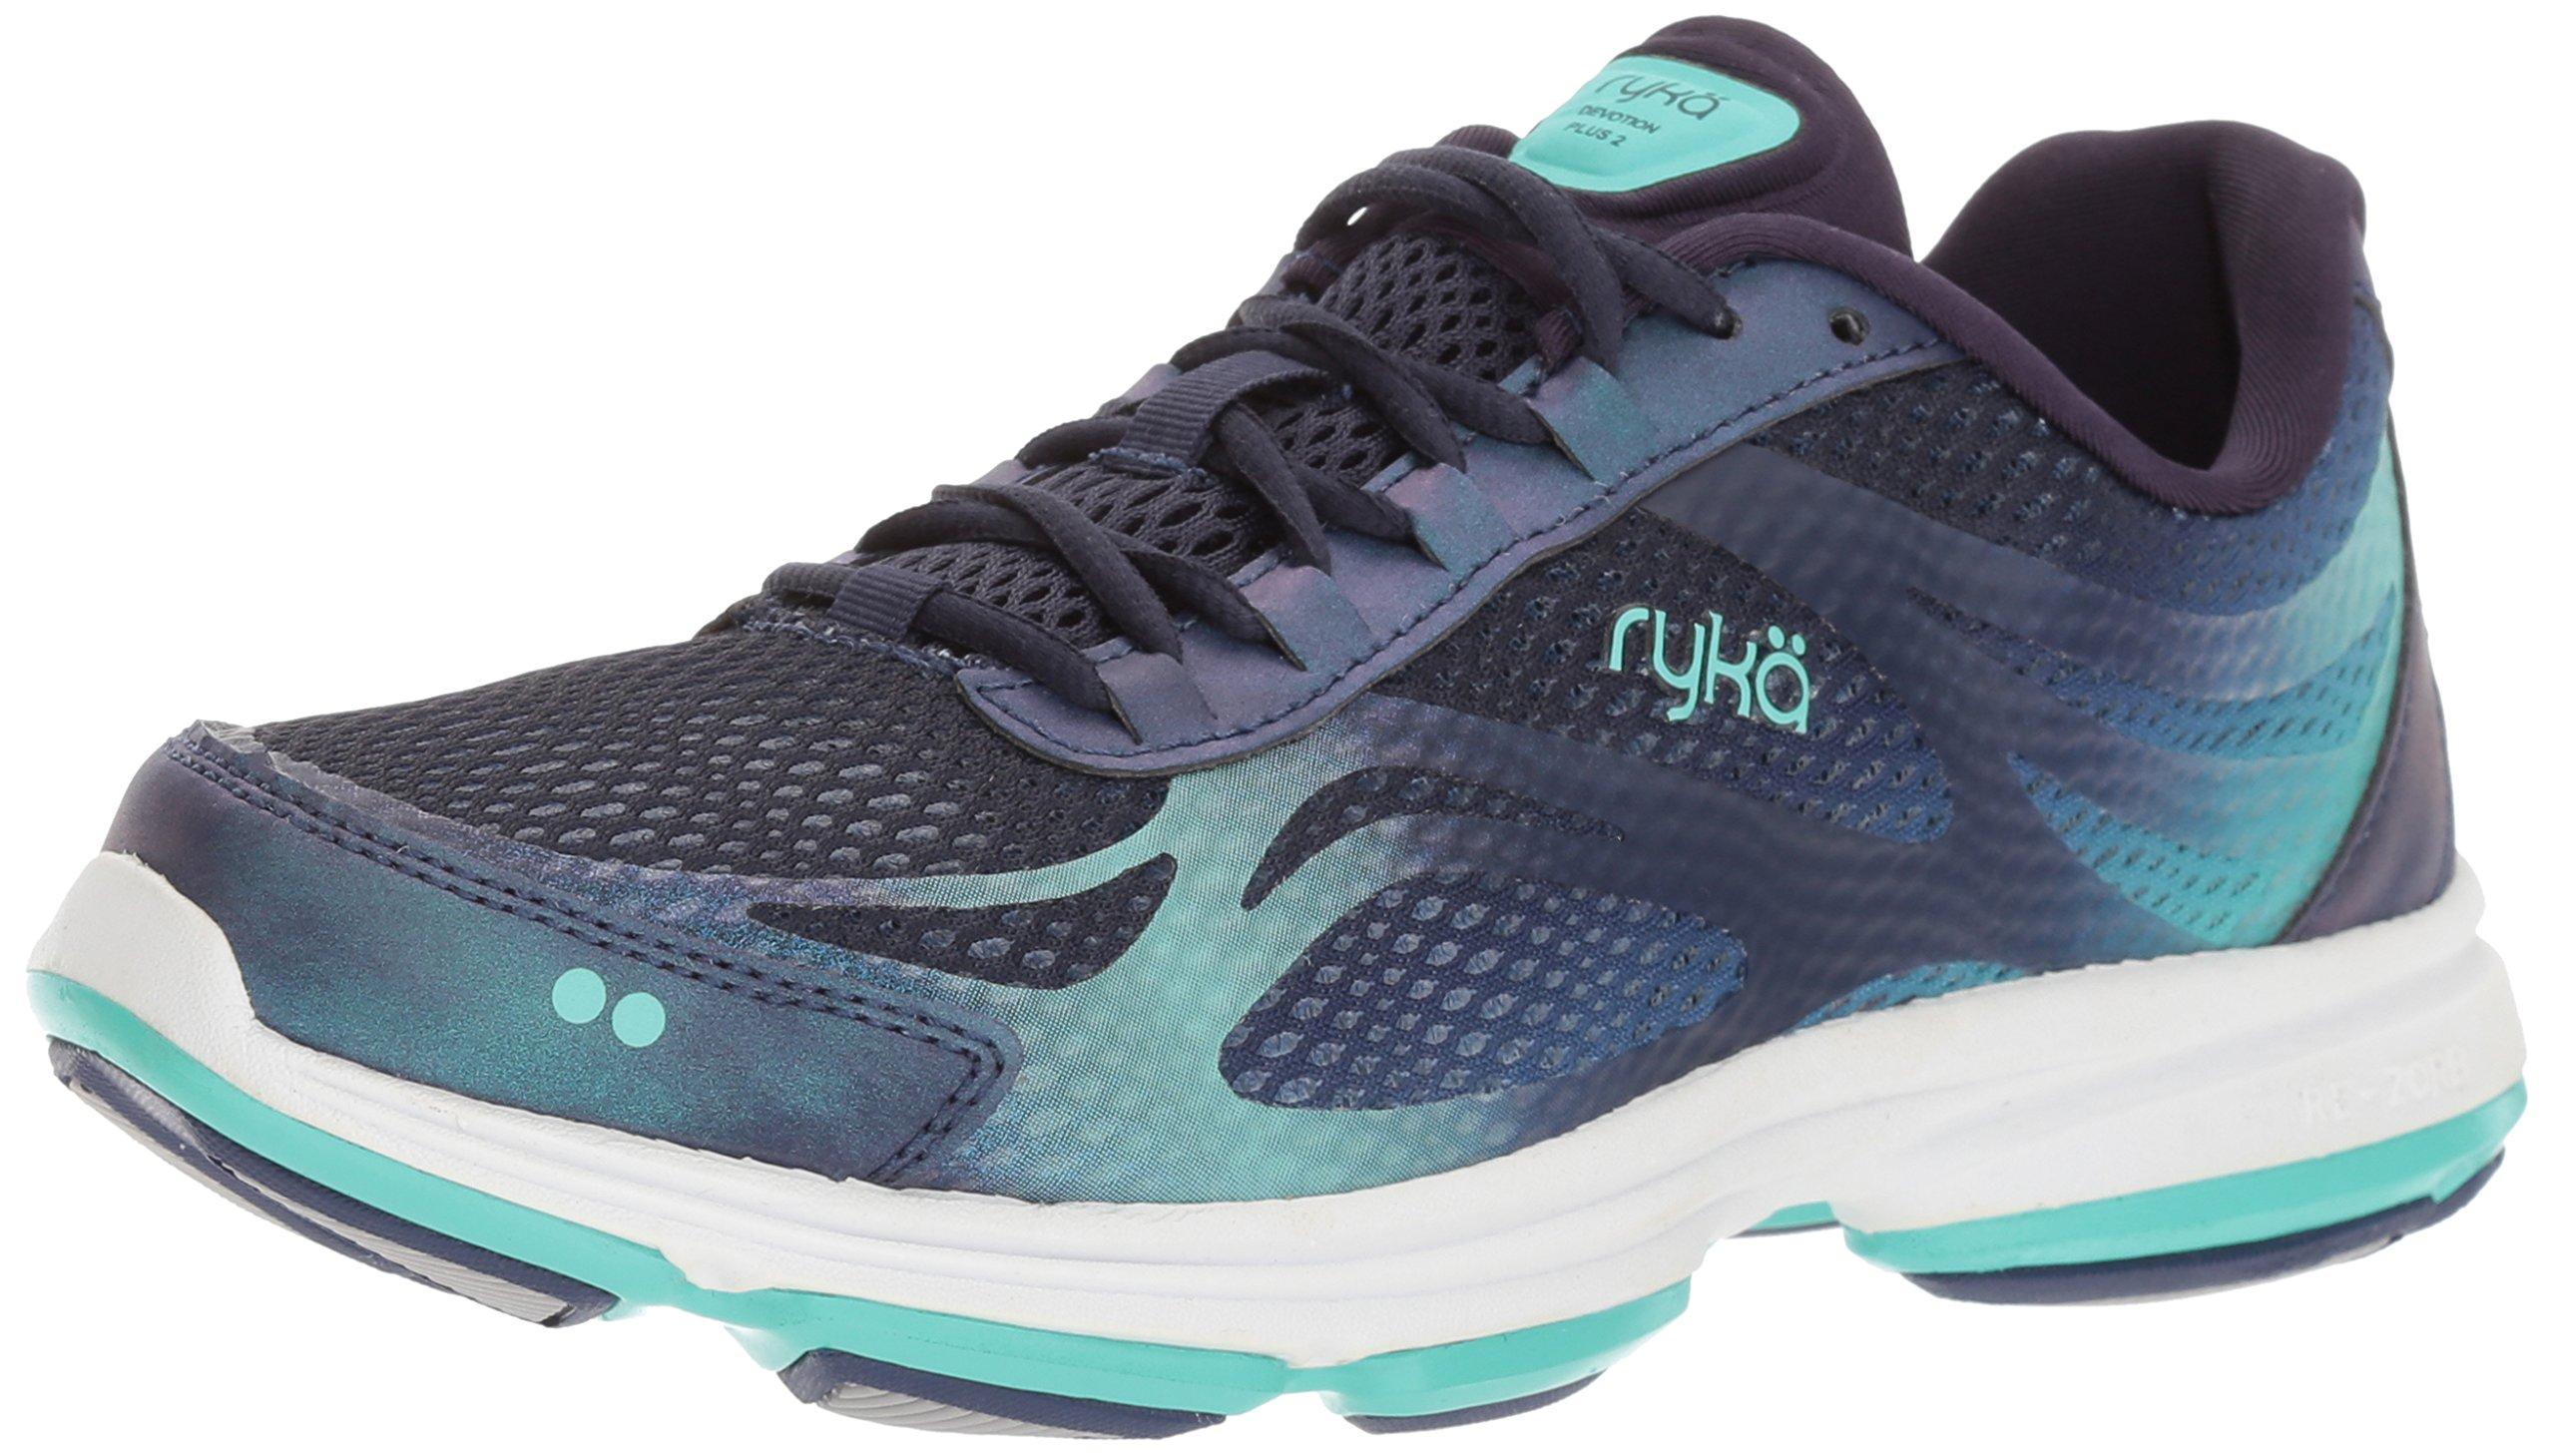 Ryka Women's Devotion Plus 2 Walking Shoe, Navy/Teal, 8 W US